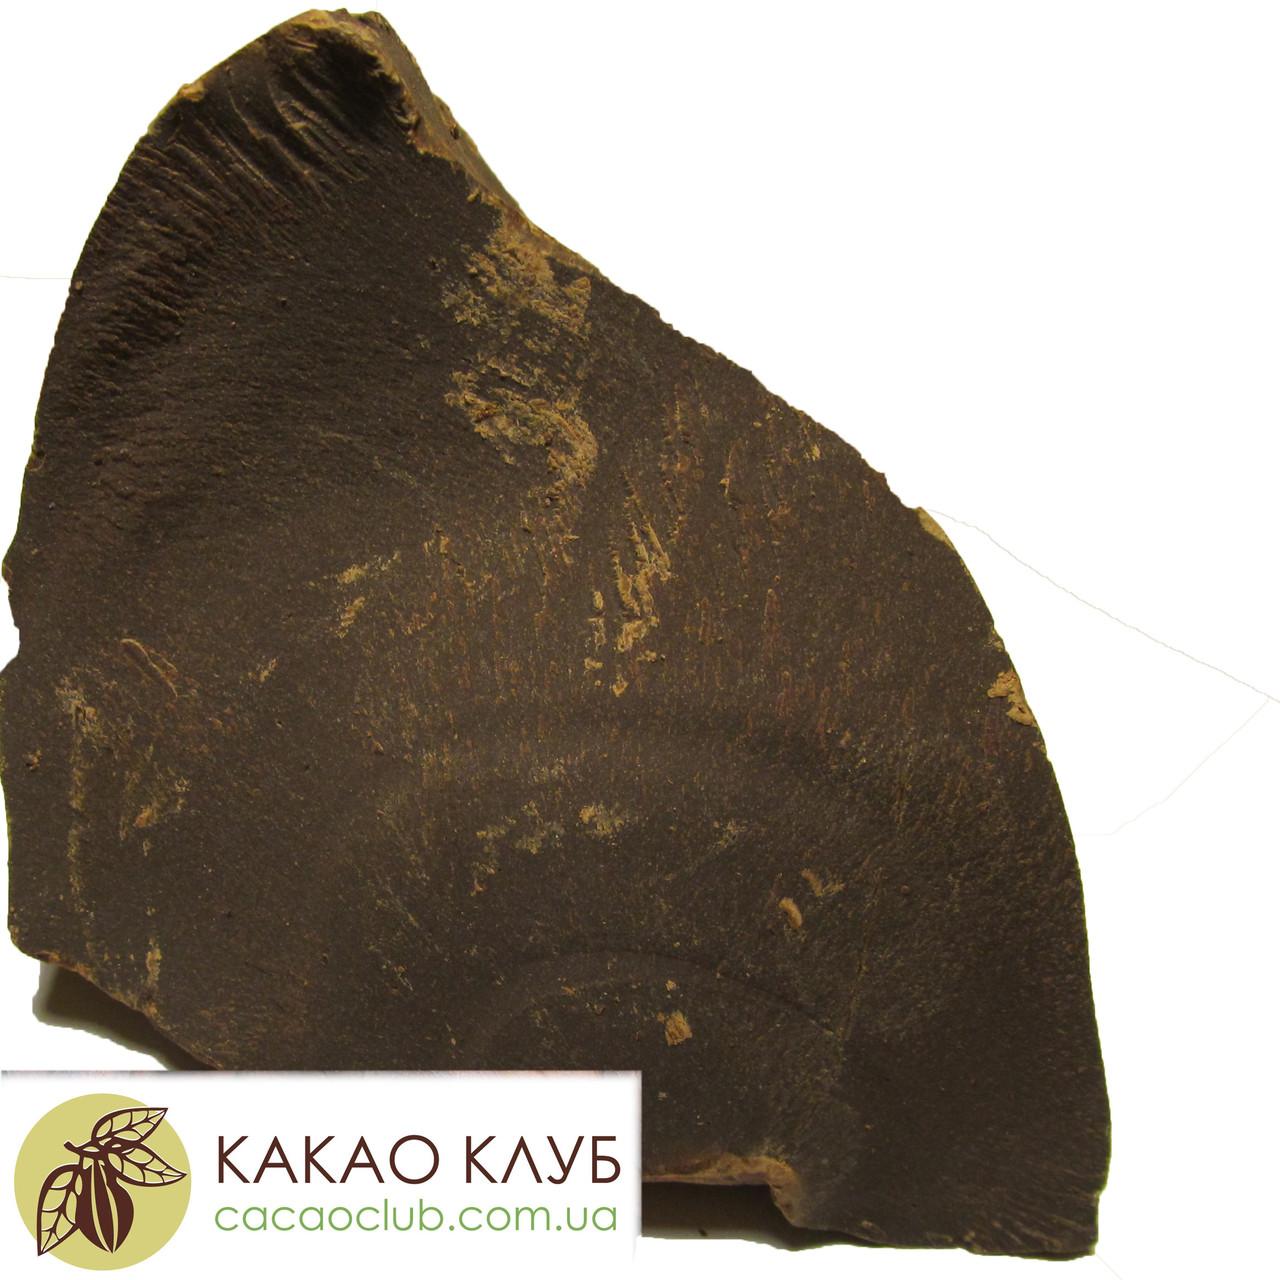 Какао тертое Niche, Гана, 100% натуральный шоколад, монолит, 1 кг.